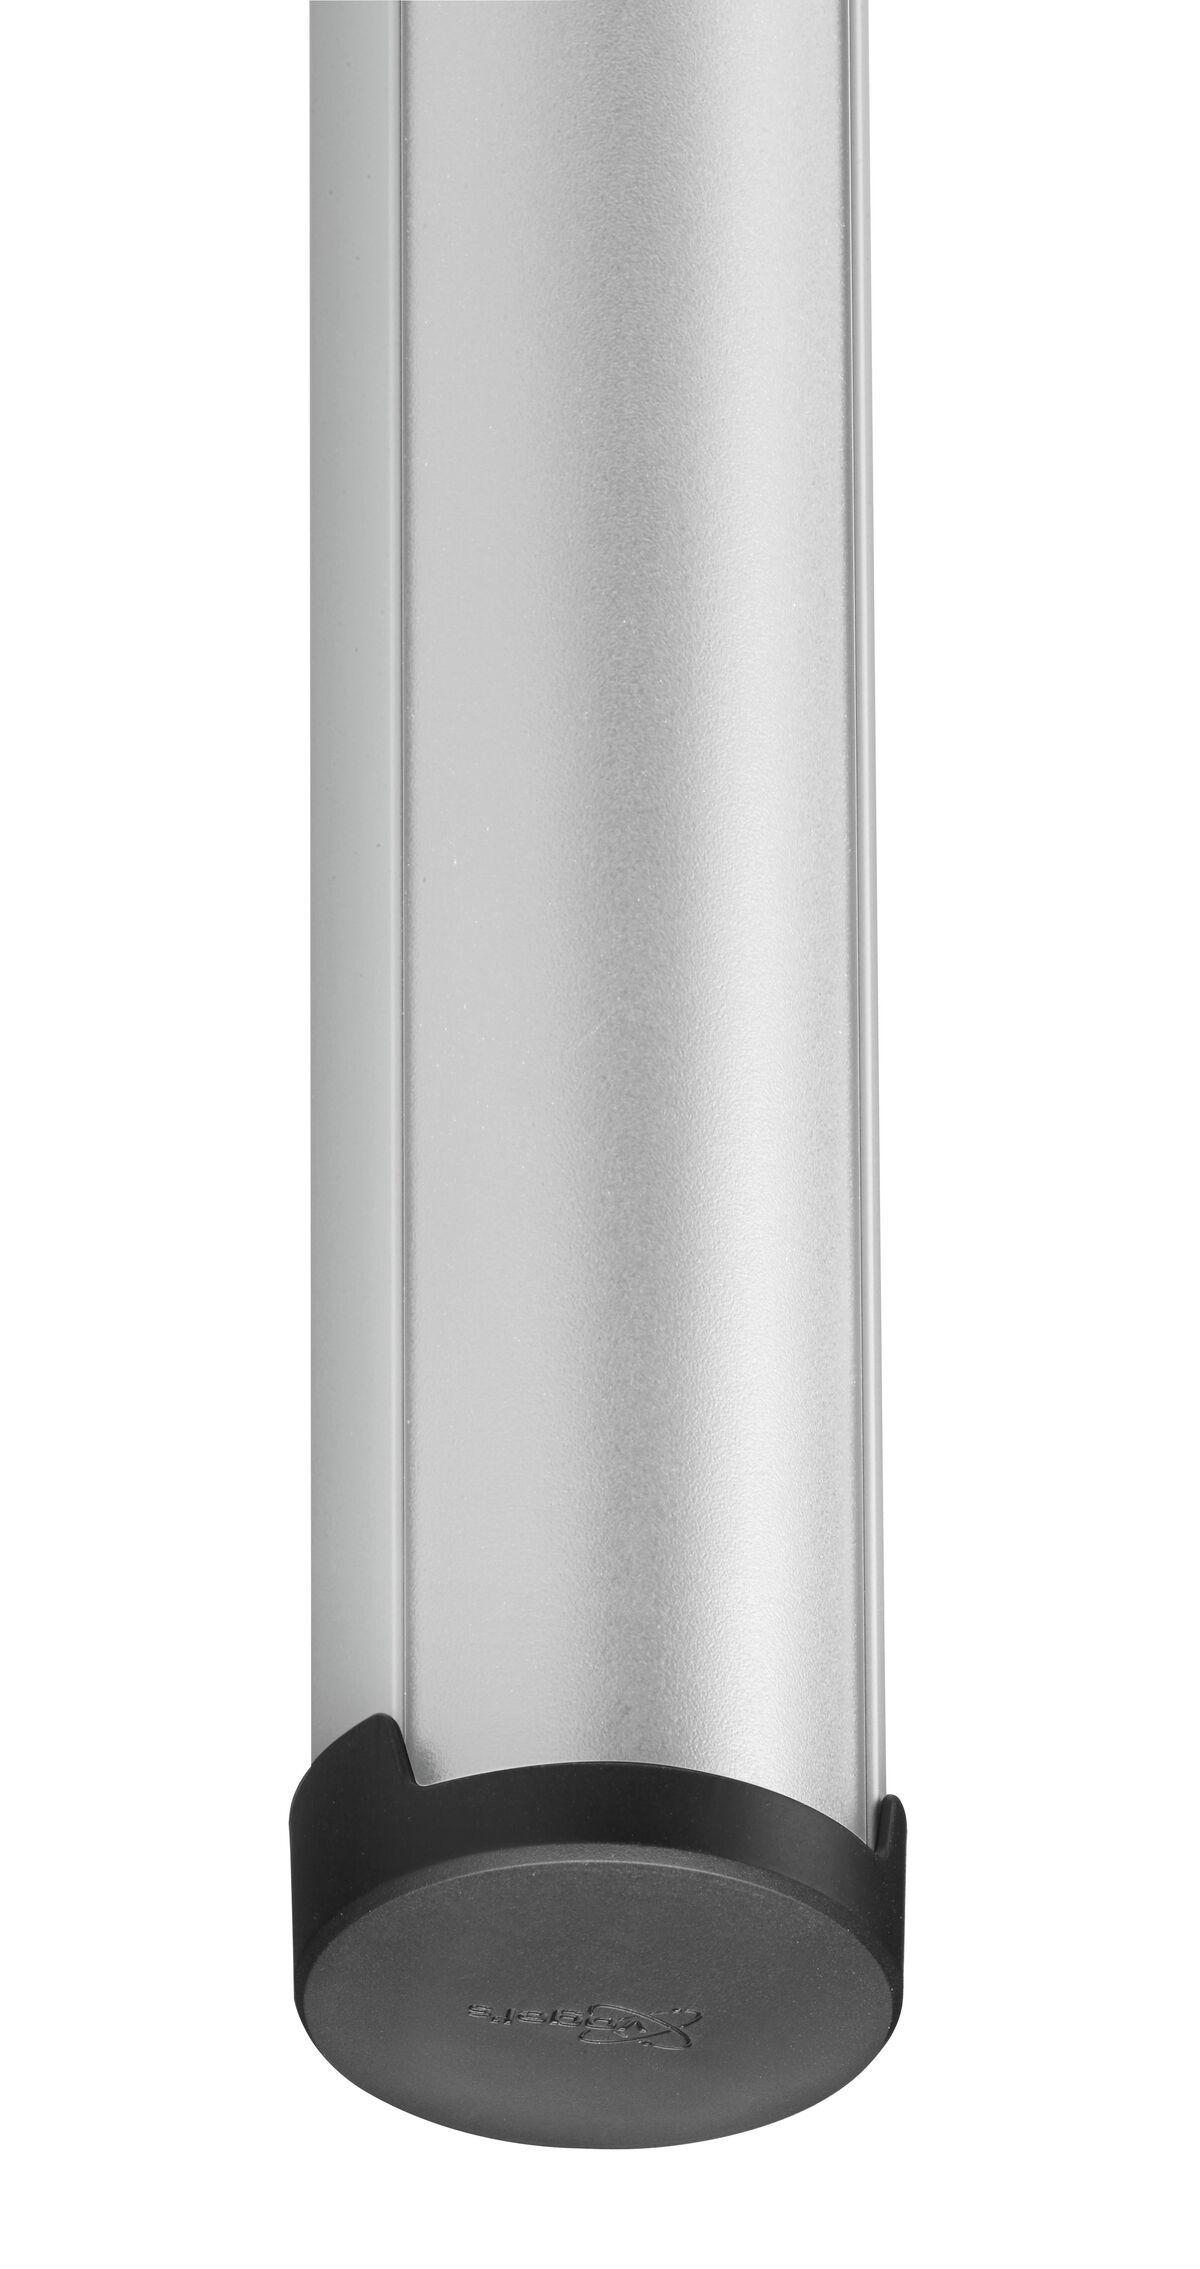 Vogel's PUC 2415S Buis 150 cm - Product